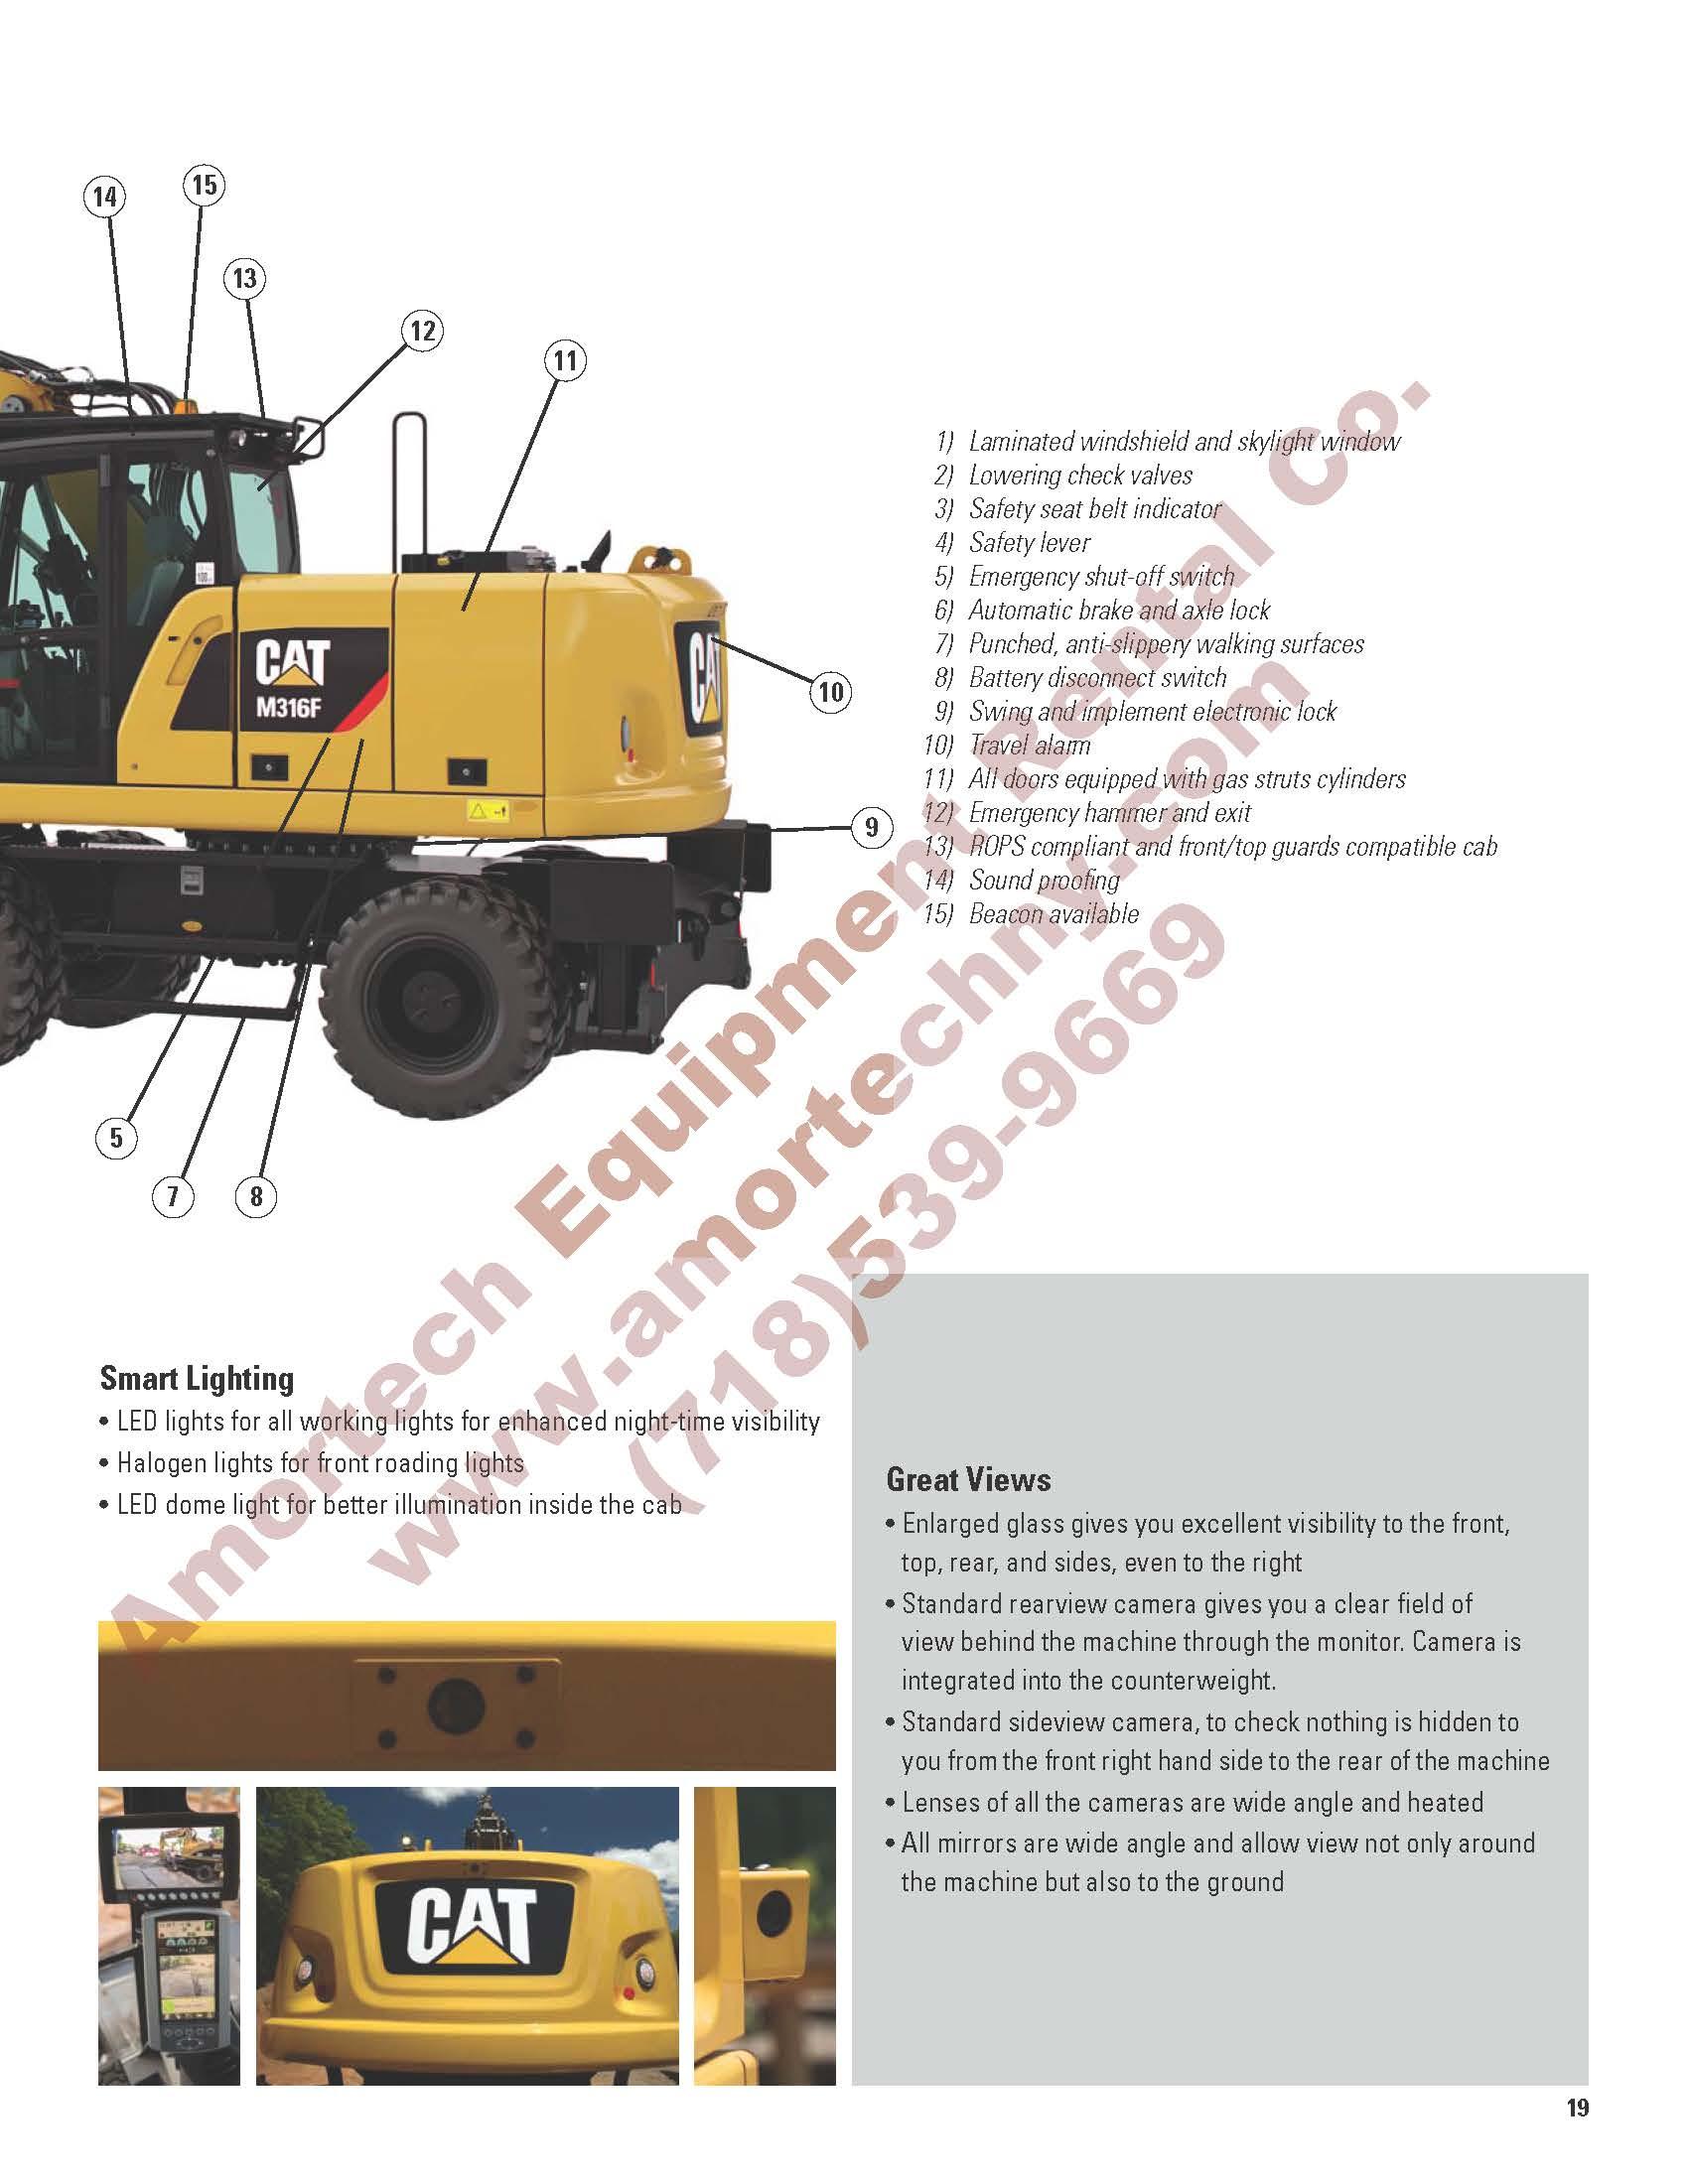 Cat M316f Rubber Tire Excavator 4wd